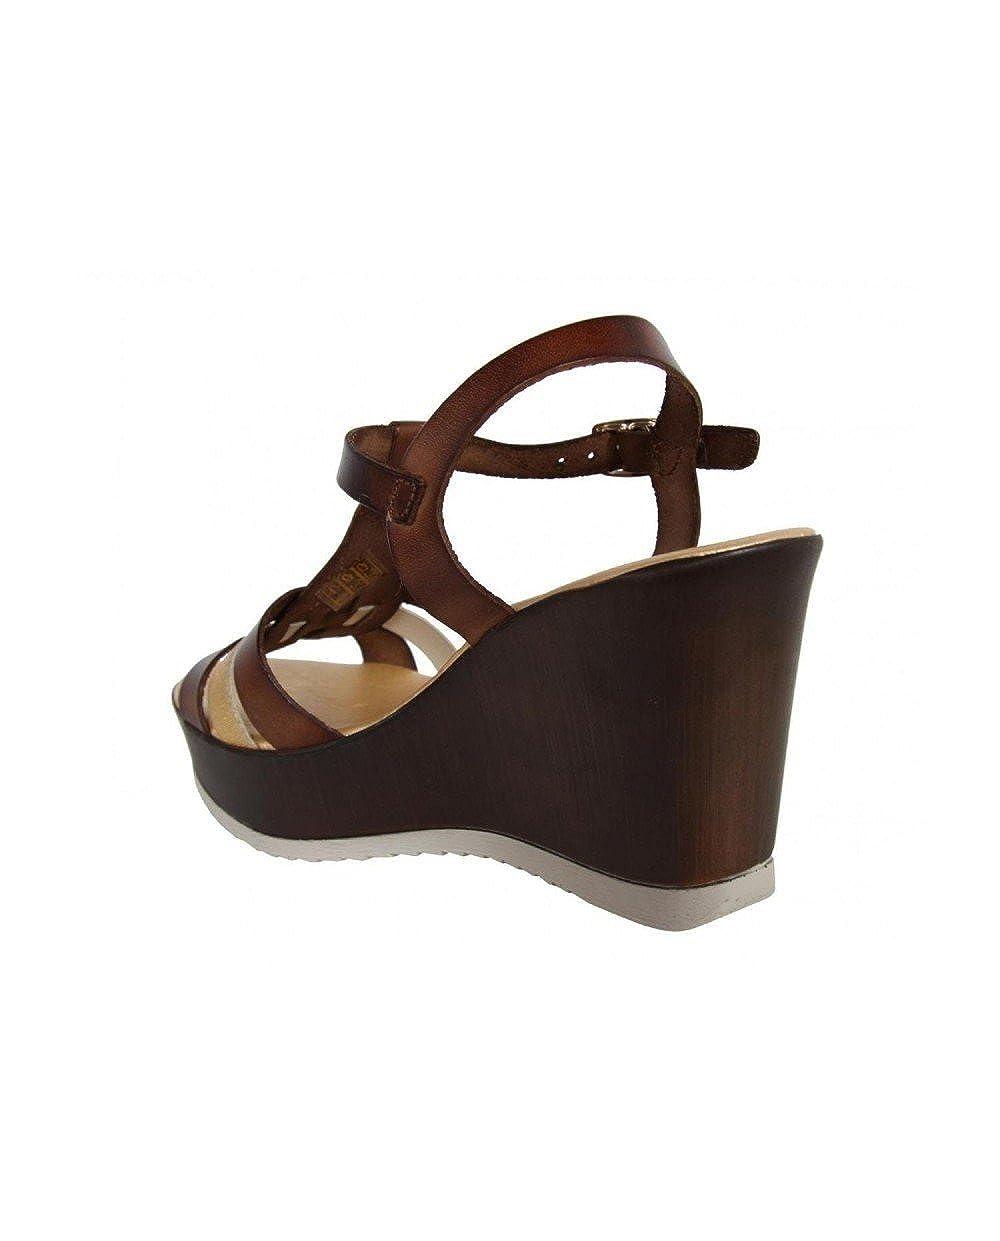 CUMBIA CUMBIA CUMBIA Schuhe Keilabsatz für Damen 30132 Gold-NUEZ aa5fb7